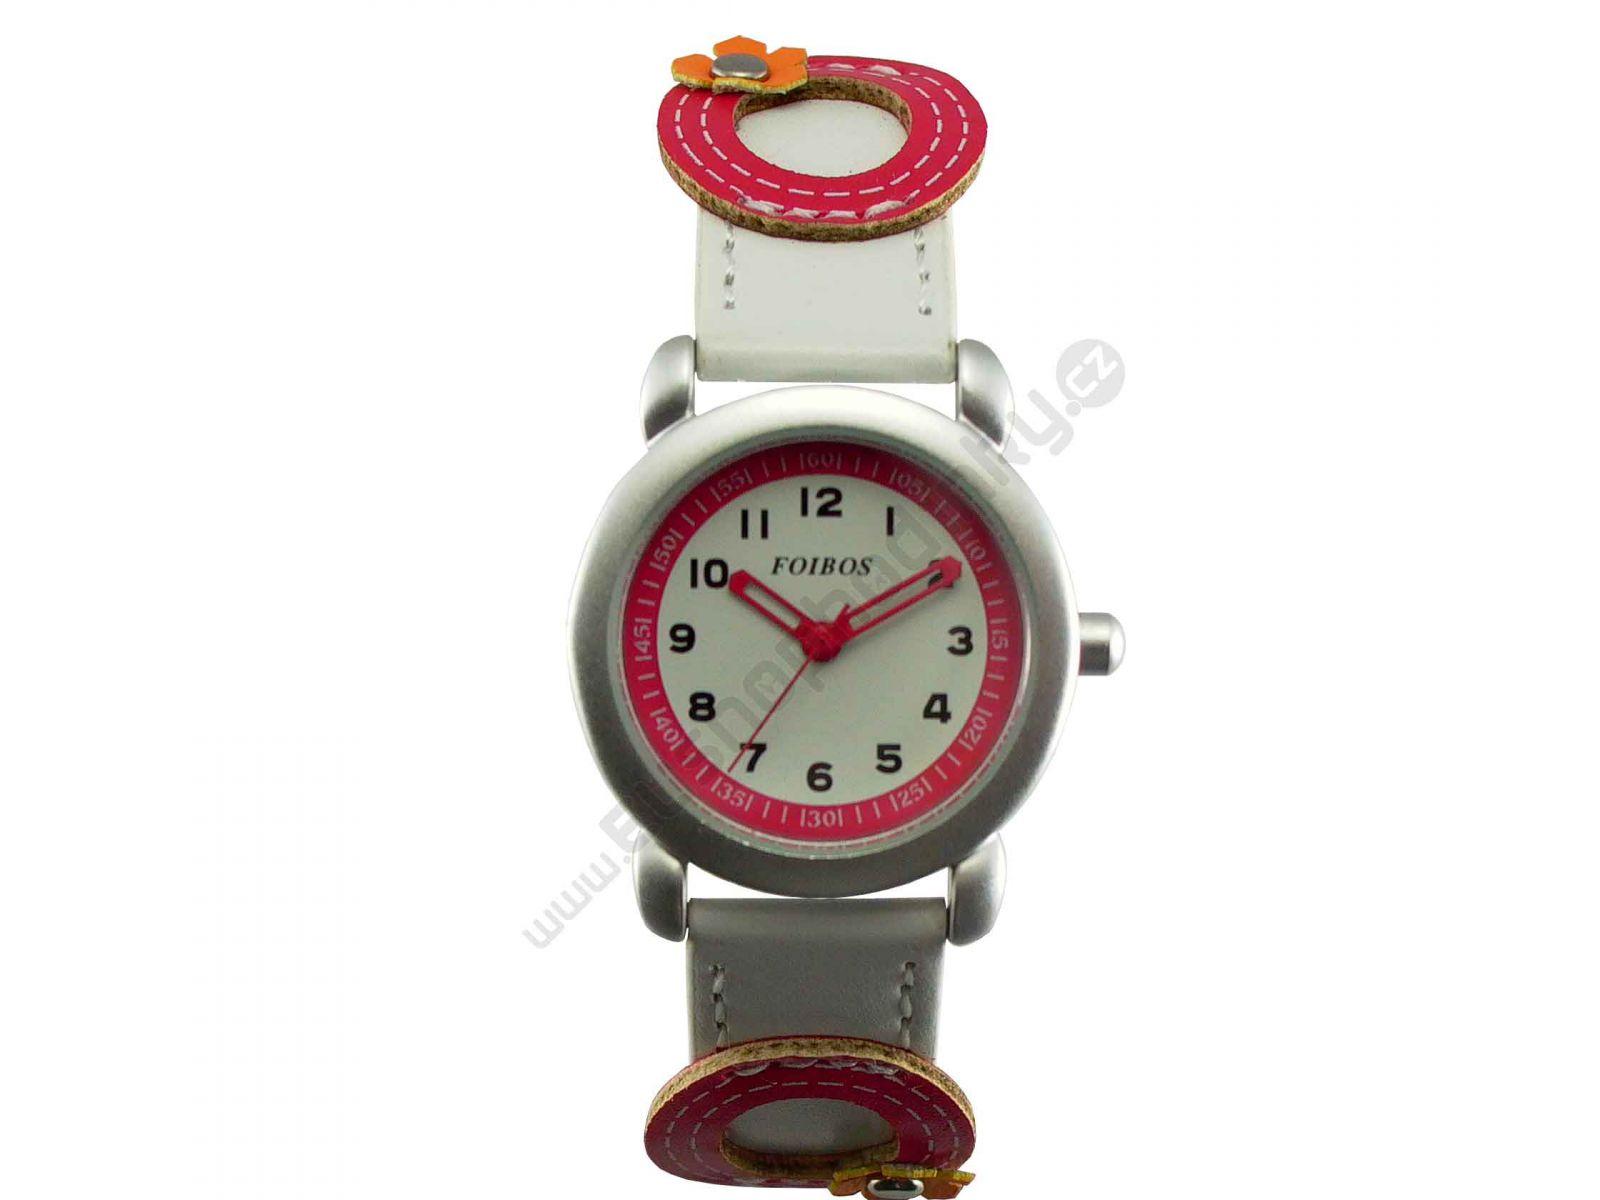 Dívčí hodinky Foibos